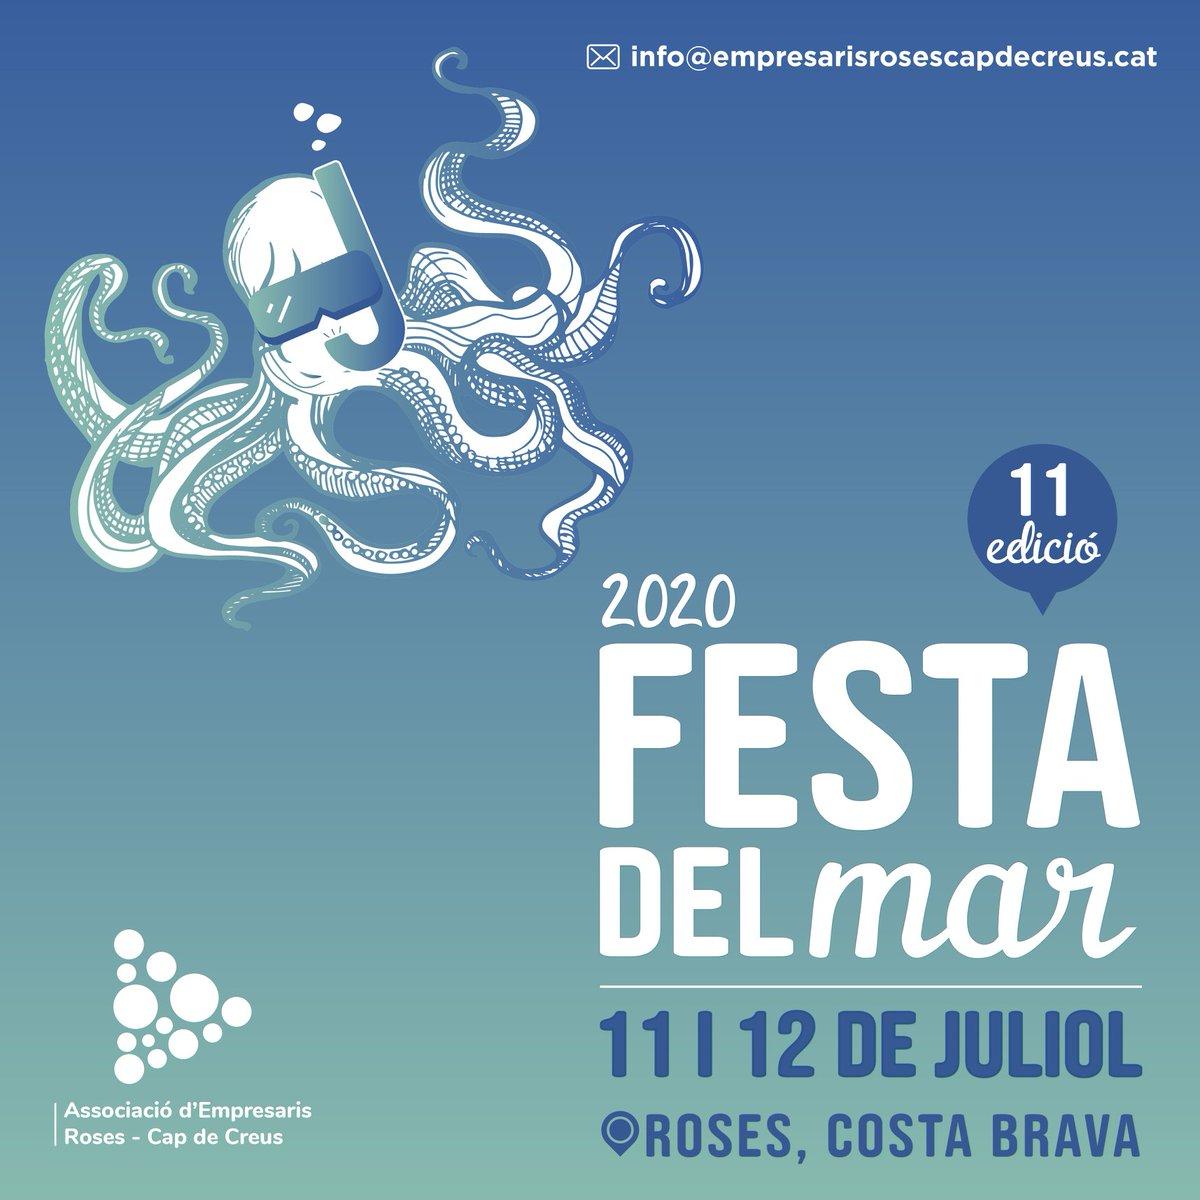 Aquest cap de setmana, gaudeix del mar en família amb la Festa del Mar a #Roses! 👩👩👧👦🌊 Programació i descomptes 👉 livingroses.cat ⚠️ Reserves prèvies segons disponibilitat Vàlid per al cap de setmana de l11 i 12/07 @VisitRoses @Aempordaturisme @costabrava